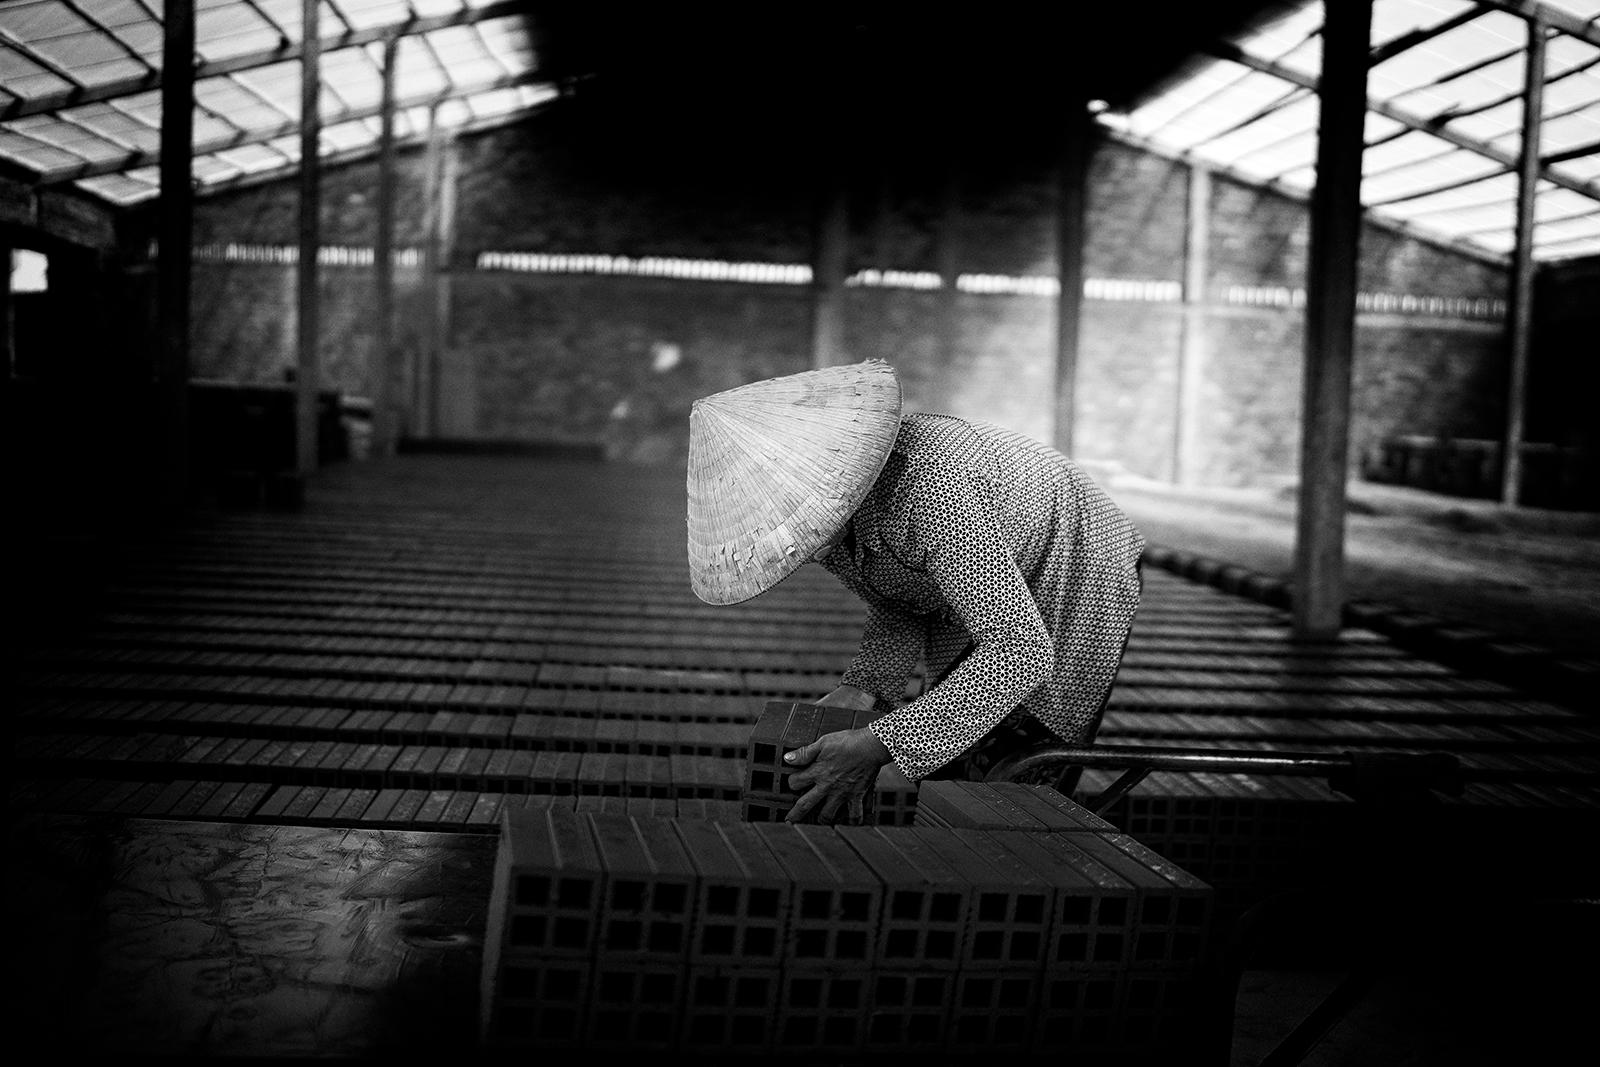 Фабрика за тухли | Author Georgi Georgiev - zeromx | PHOTO FORUM